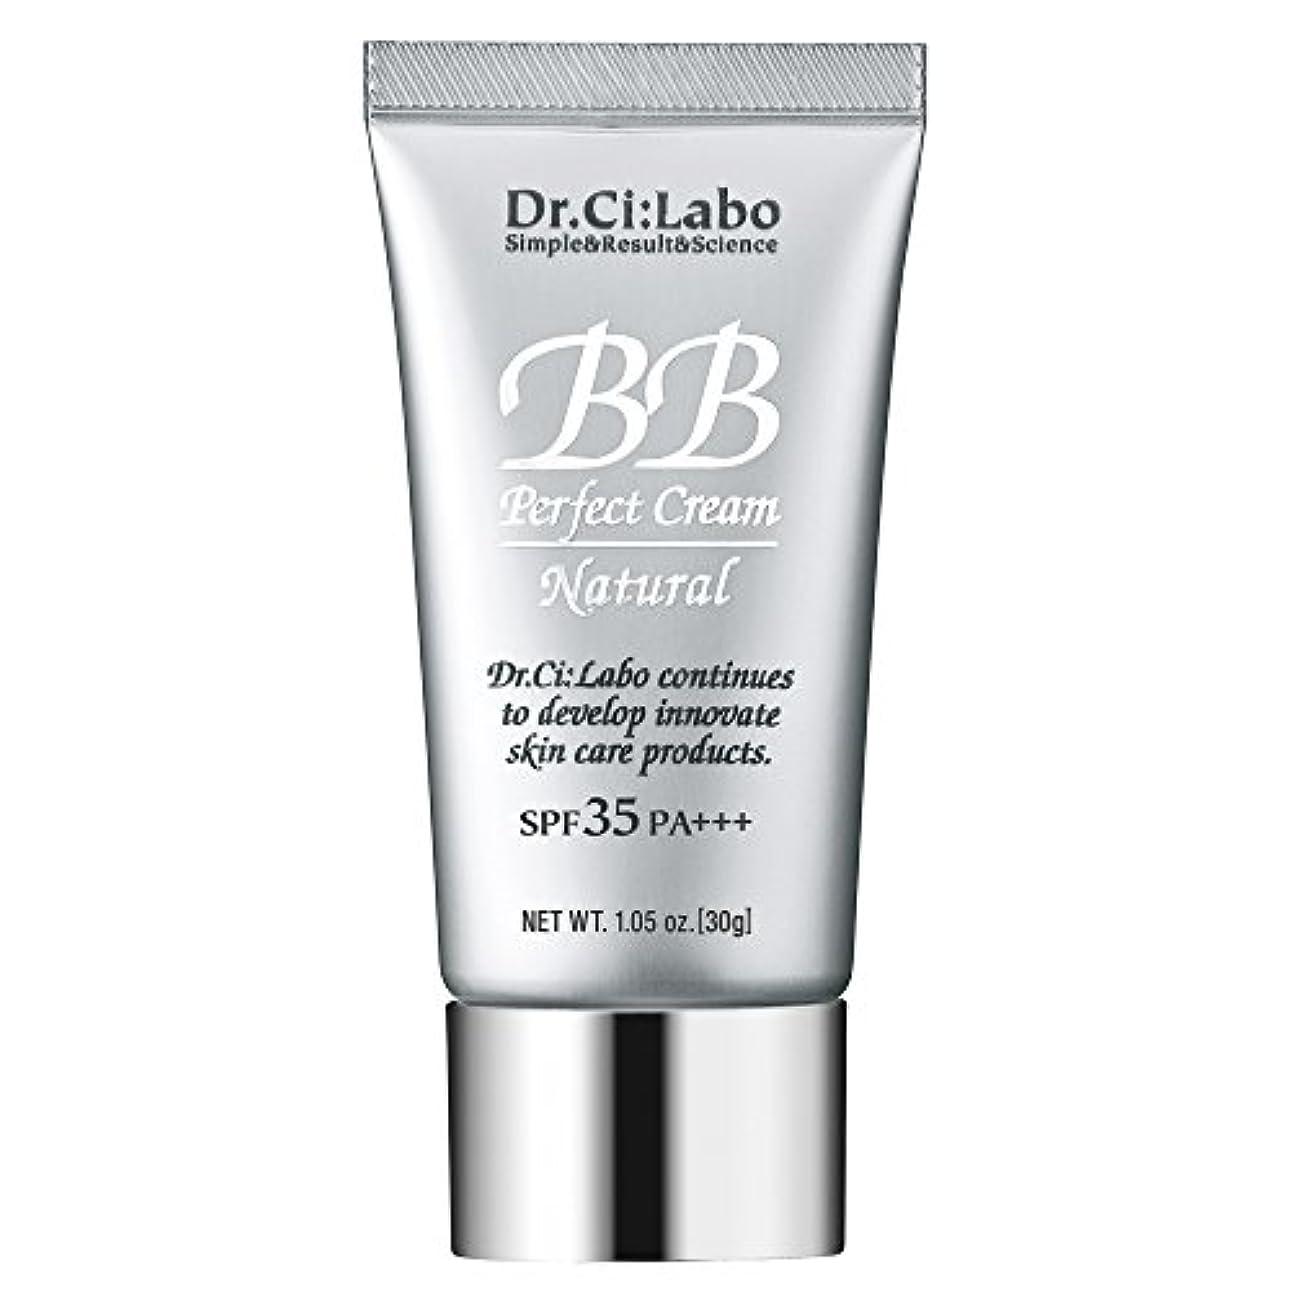 朝ごはん同意する見てドクターシーラボ BBパーフェクトクリーム ナチュラル 化粧下地 単品 30g